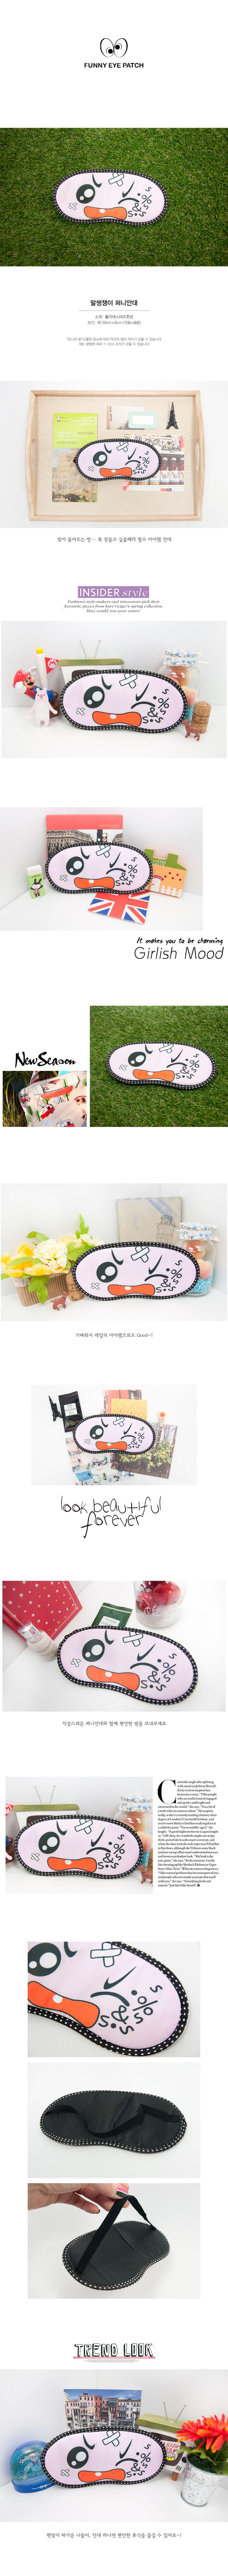 퍼니안대-FUNNY EYE PATCH(말썽쟁이) - 레인트리, 3,500원, 편의용품, 목쿠션/안대/슬리퍼